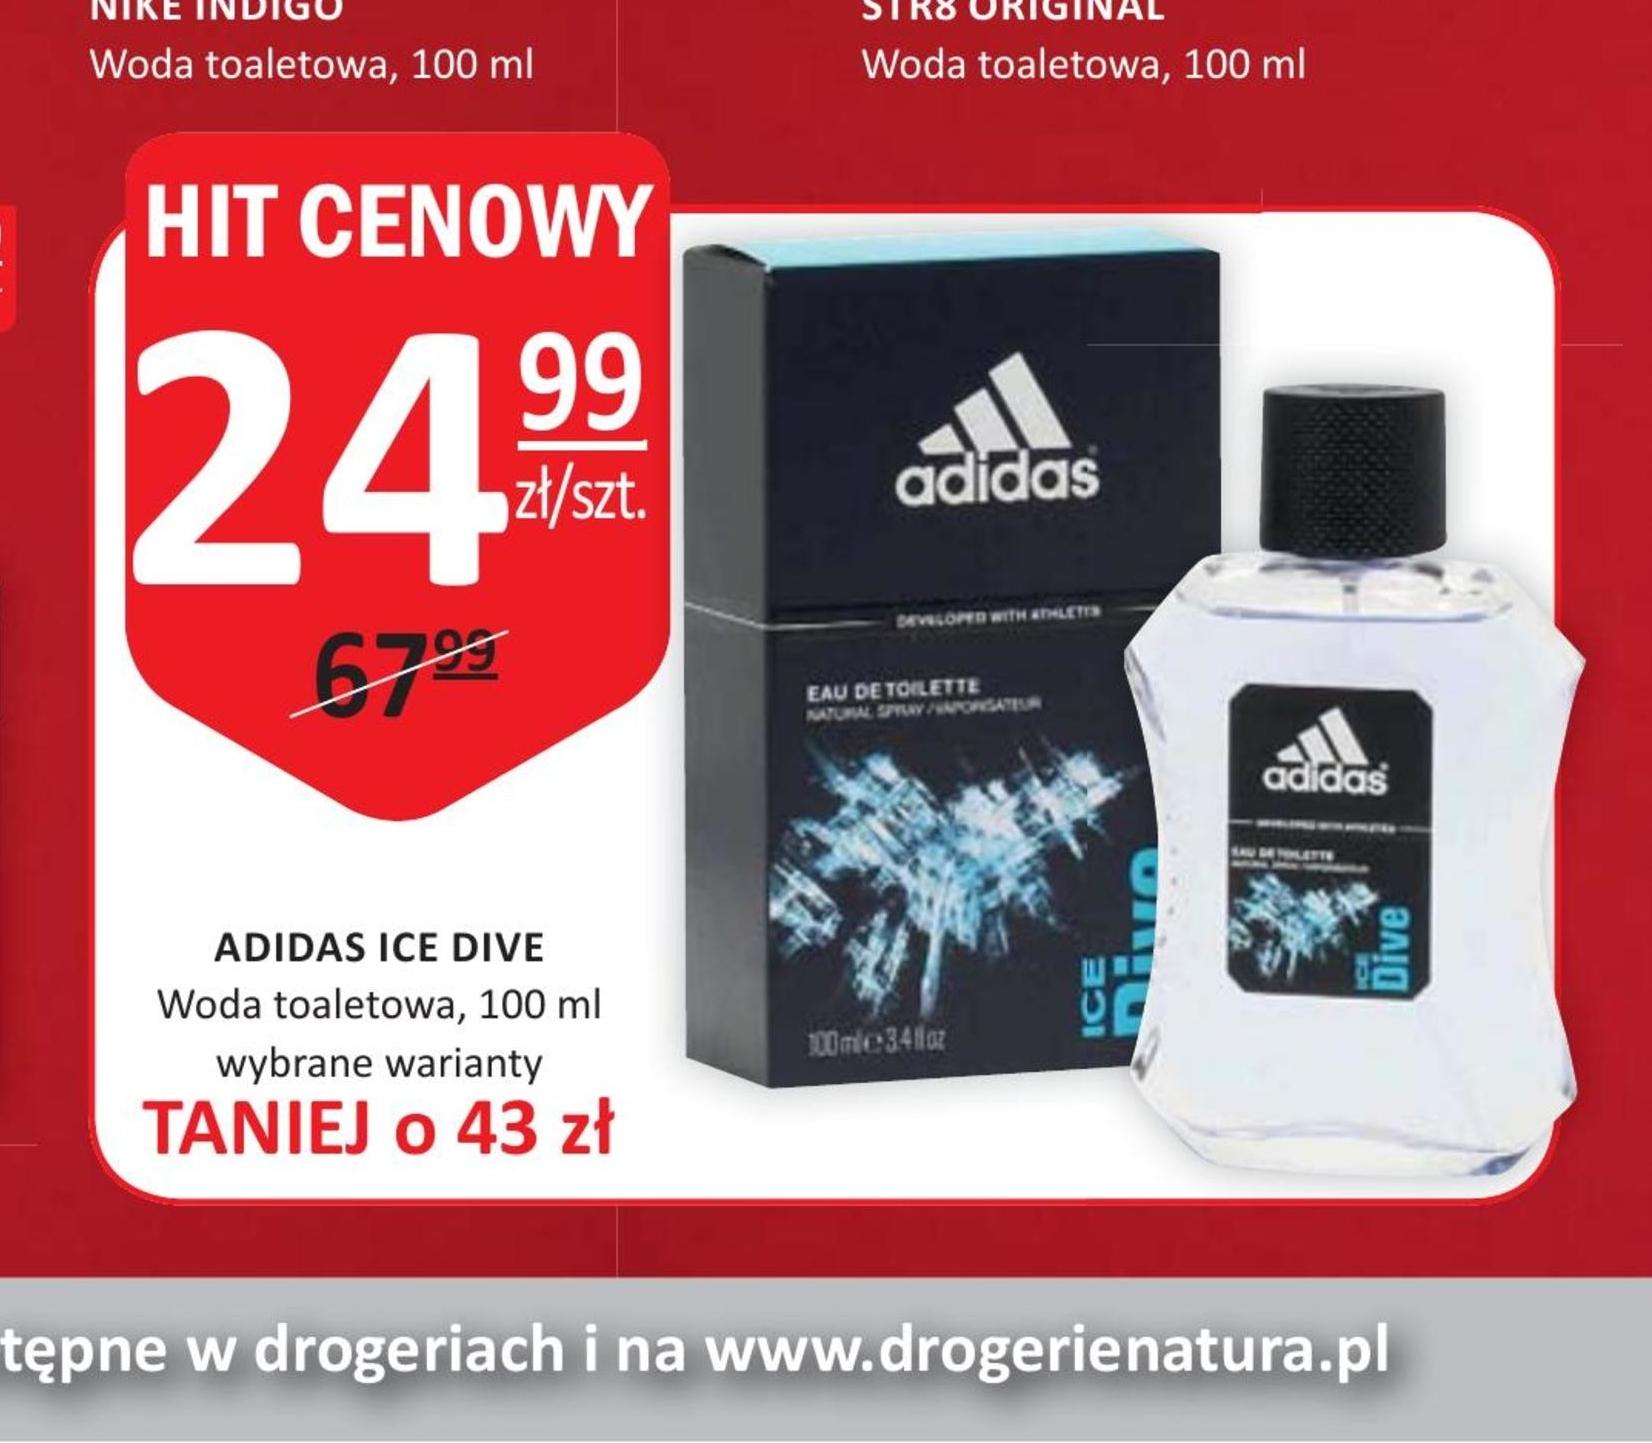 Perfumy Adidas niska cena